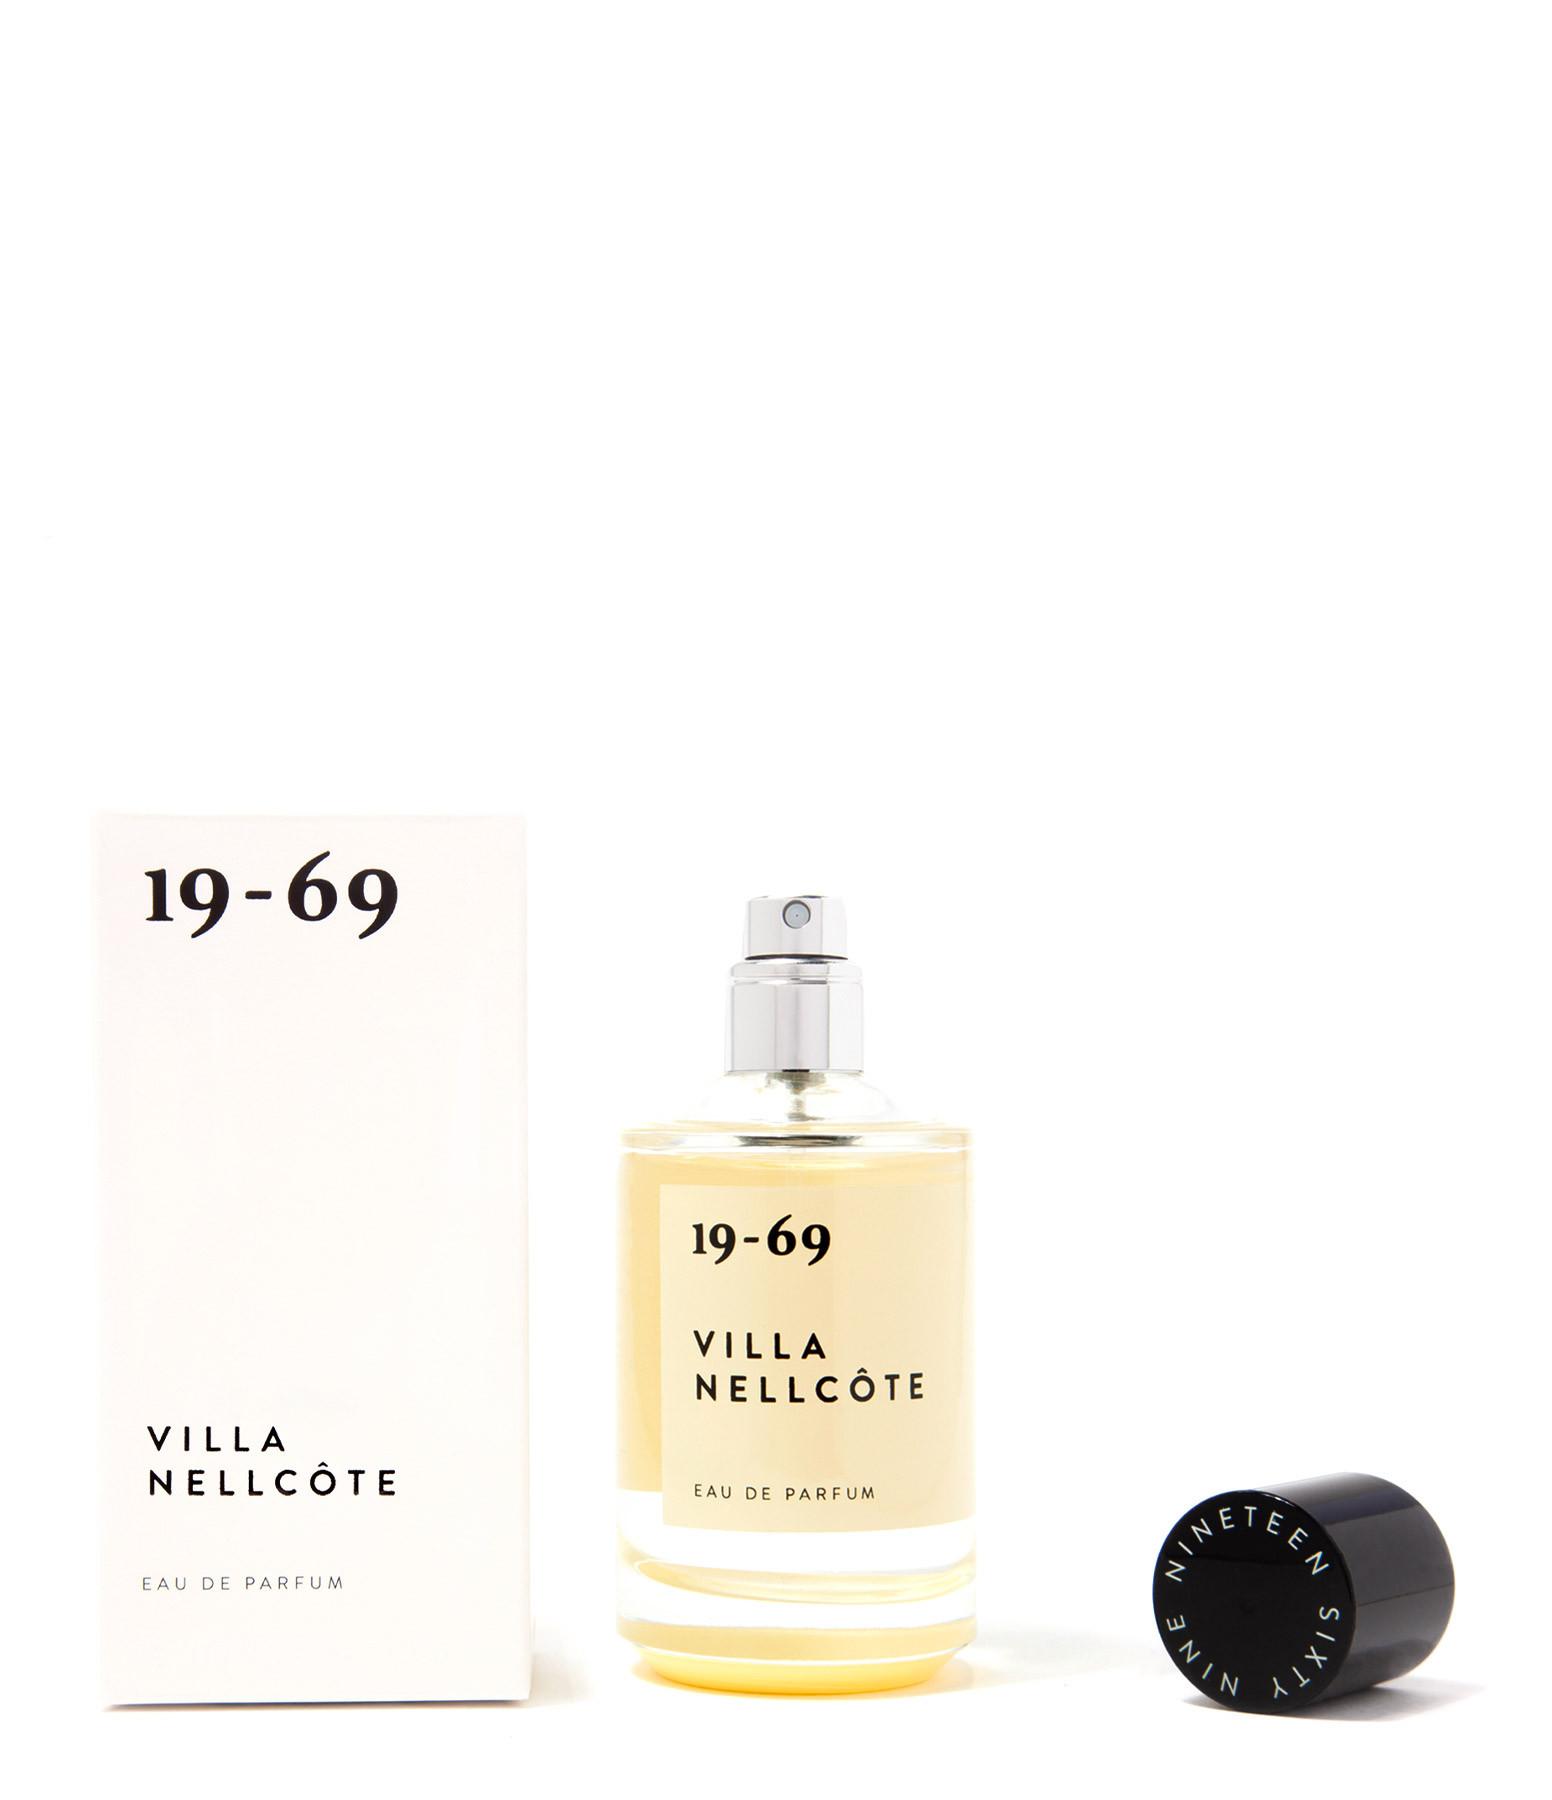 19-69 - Eau de Parfum Villa Nellcôte 100 ml